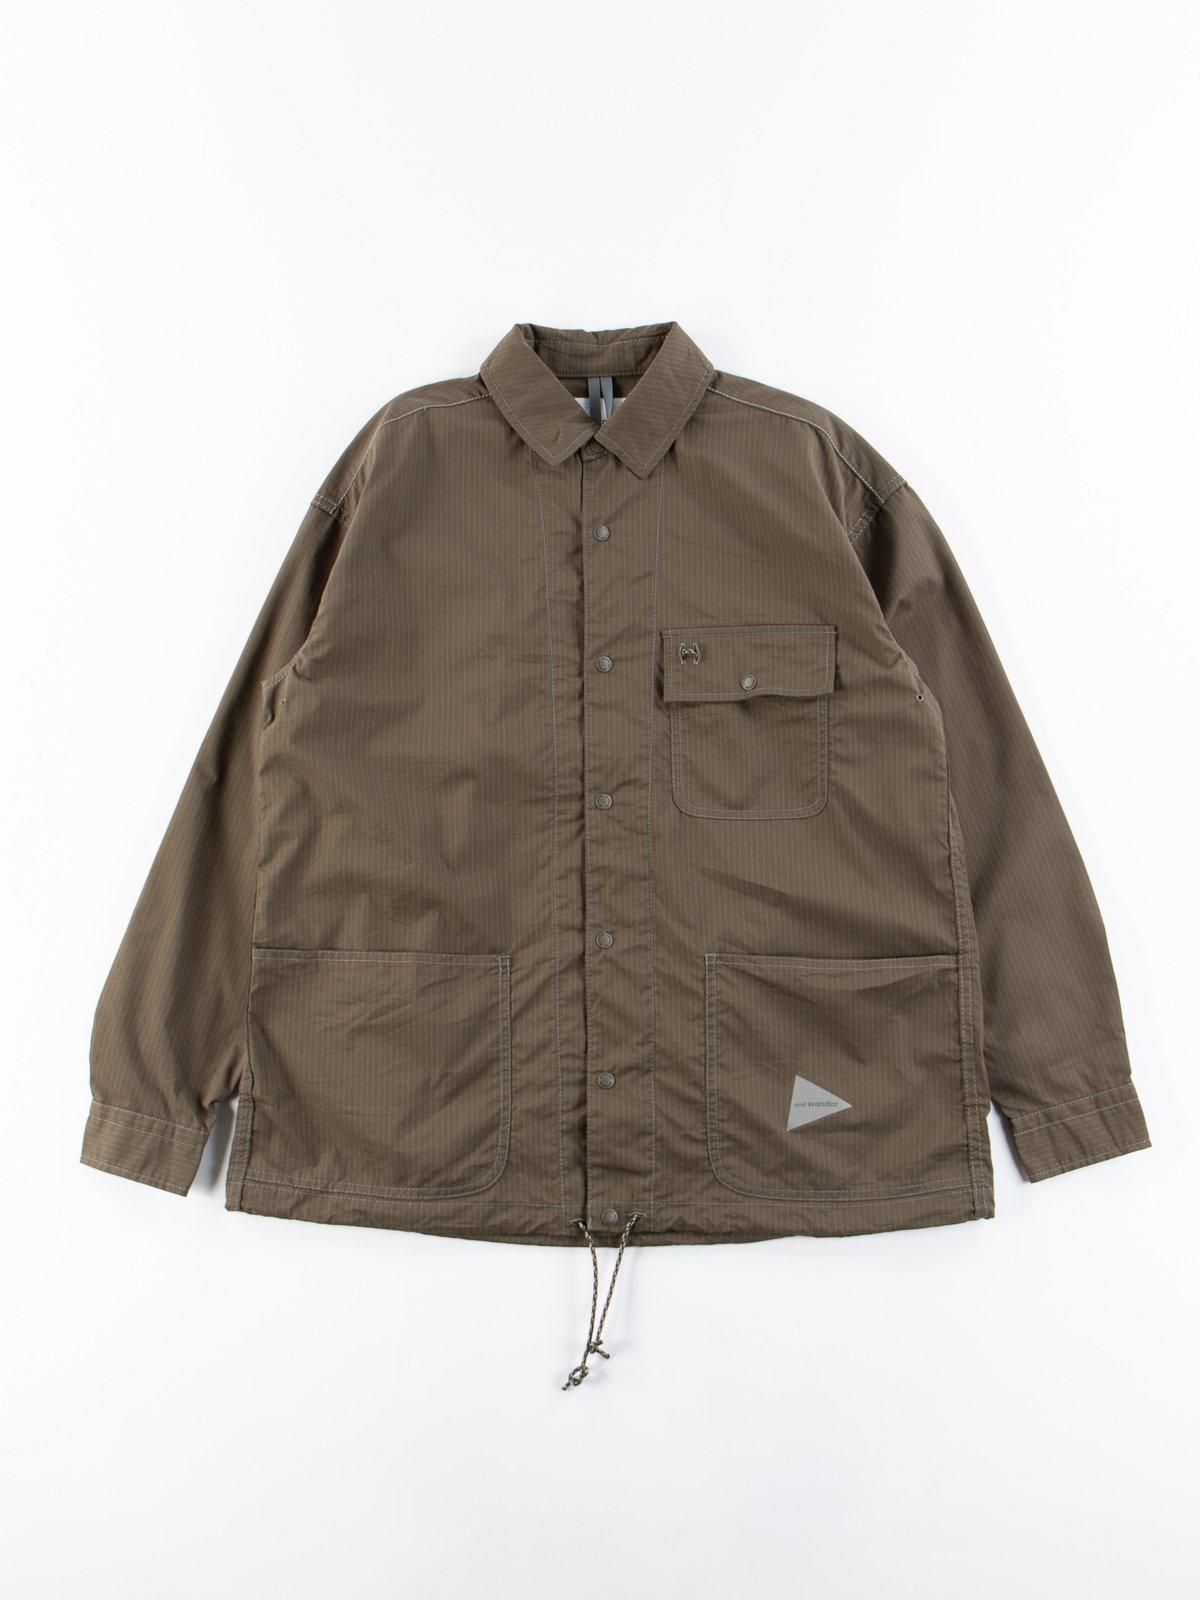 Khaki Dry Rip Shirt - Image 1